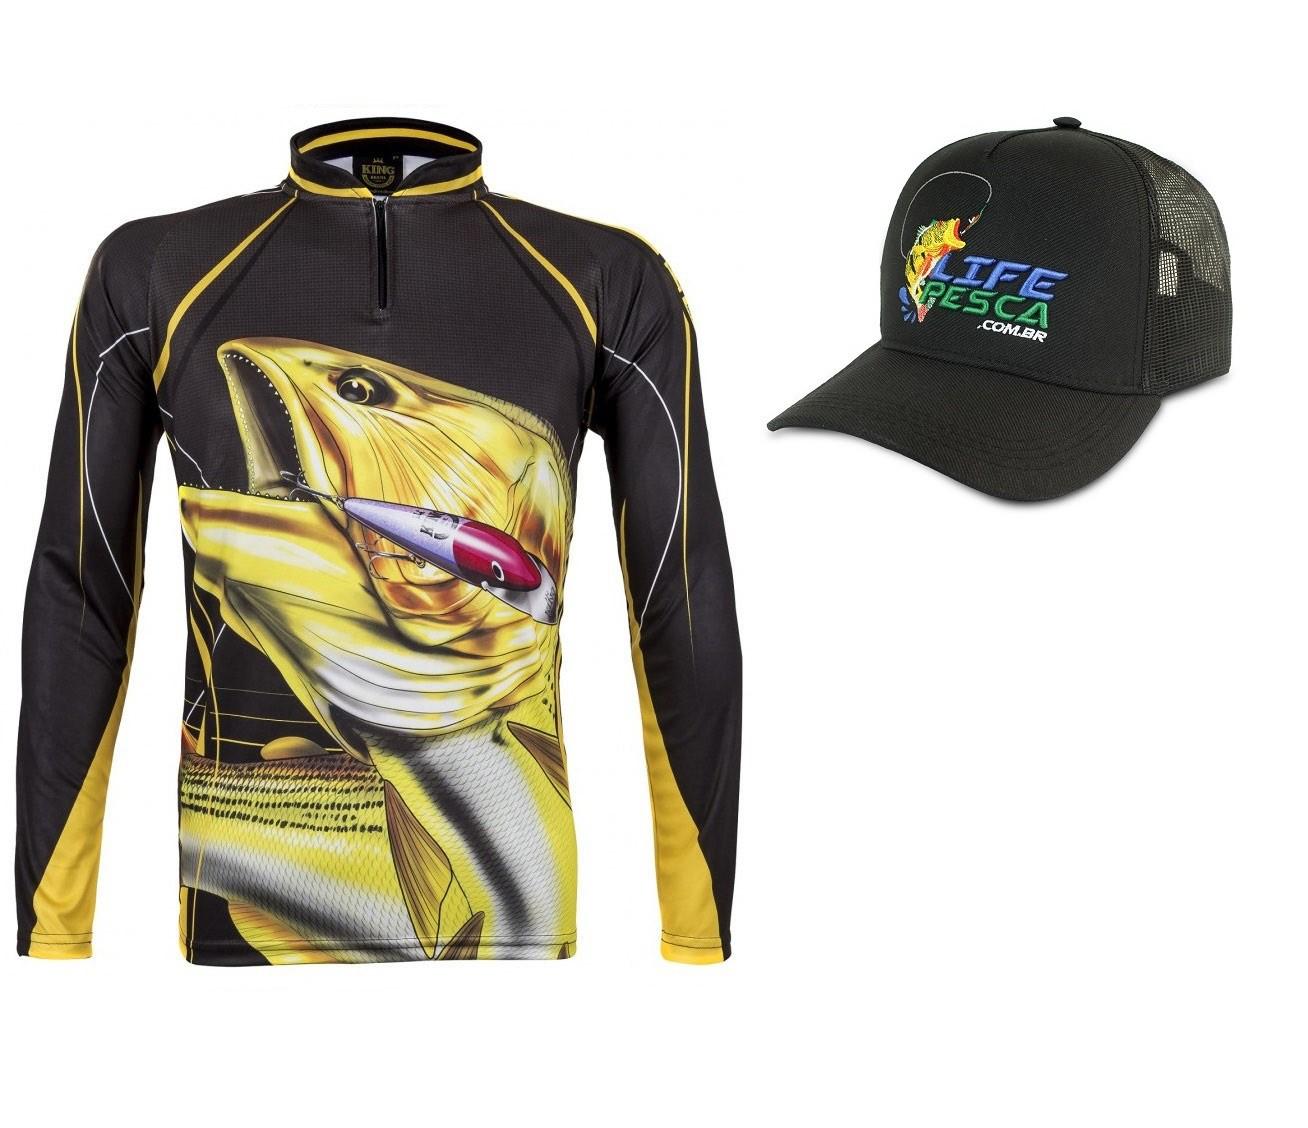 Camiseta De Pesca King Proteção Solar Uv Atack 02 Dourado + Boné